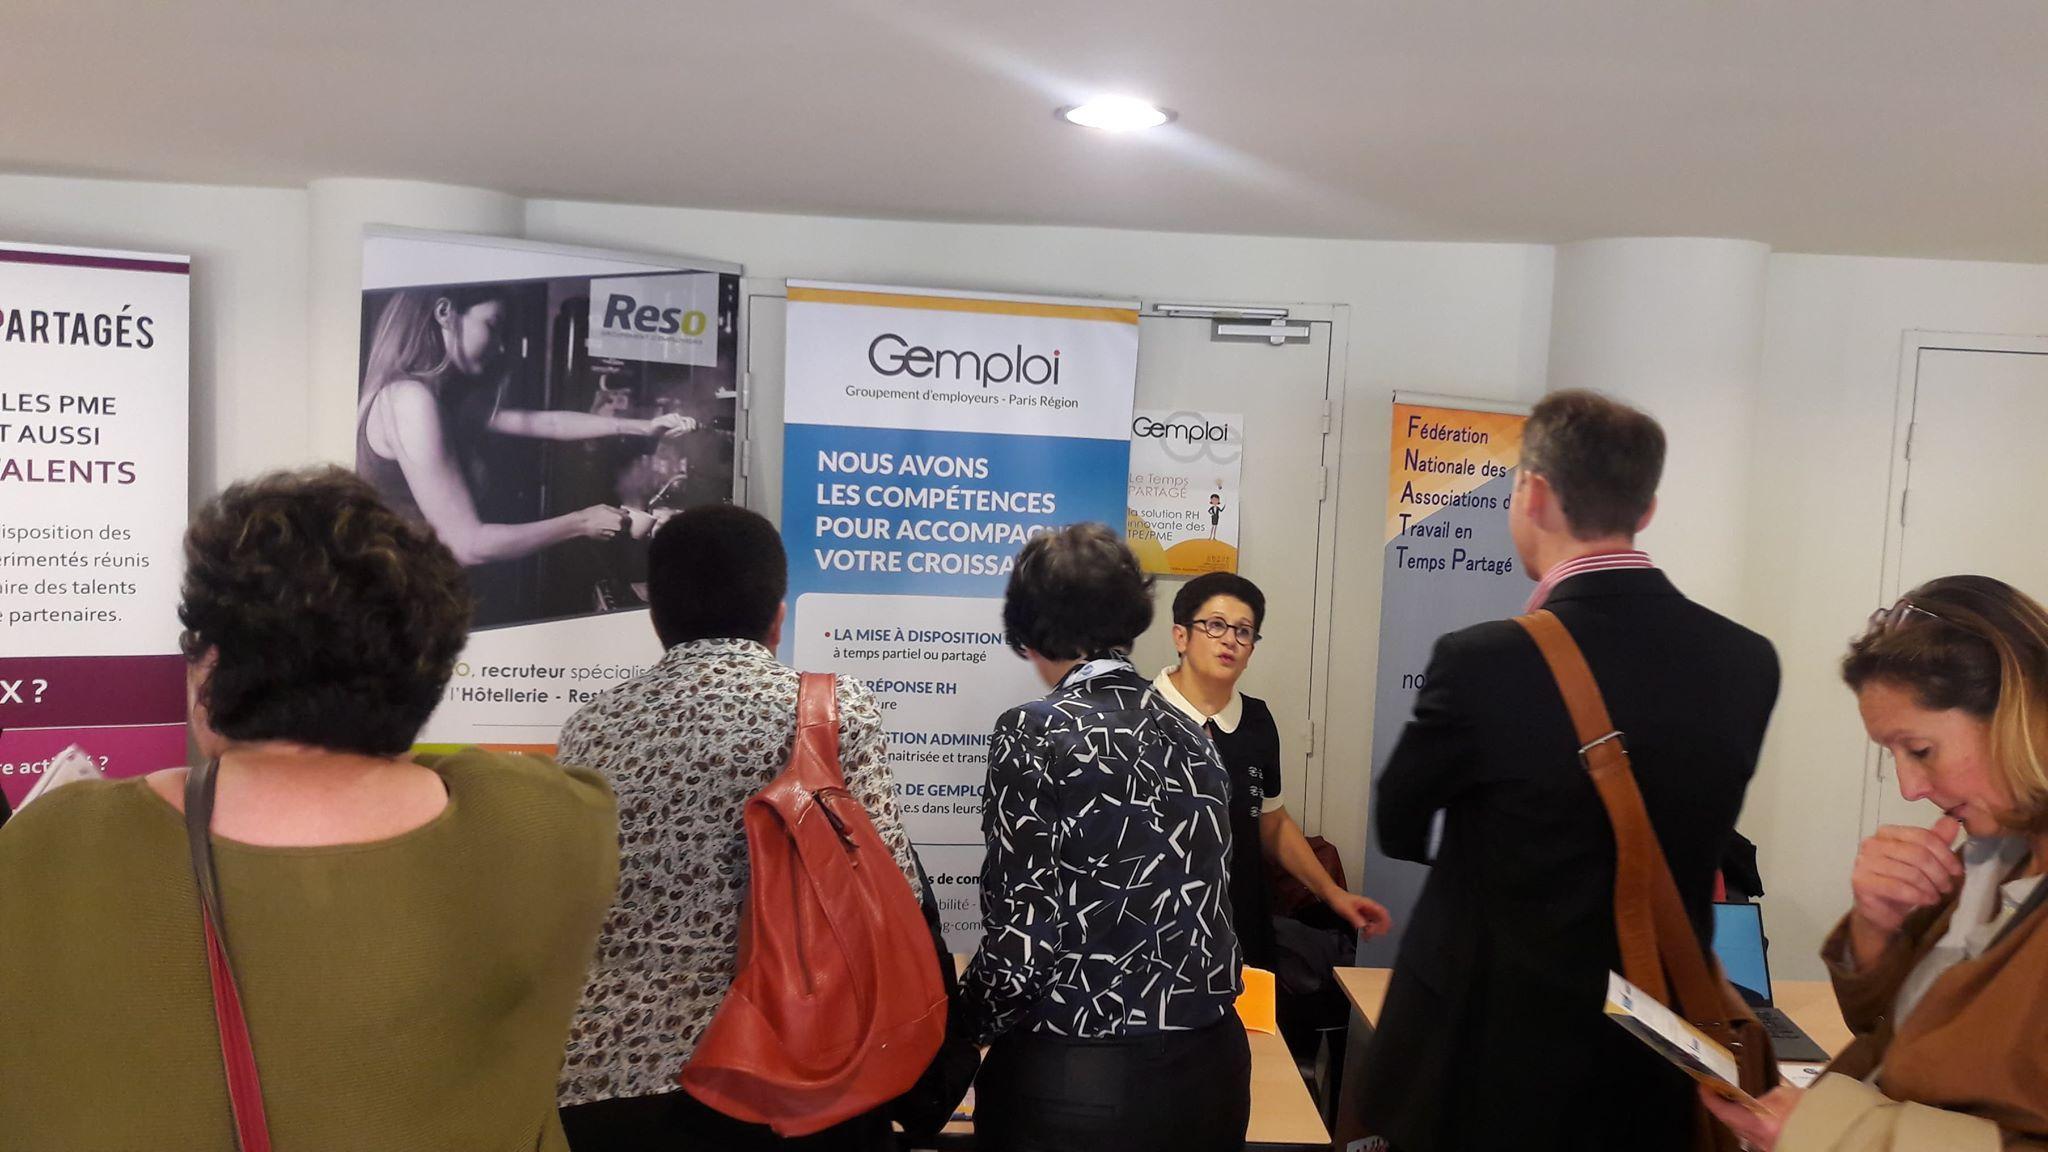 Event-Gemploi participe a la 1ere edition du temps partage-6